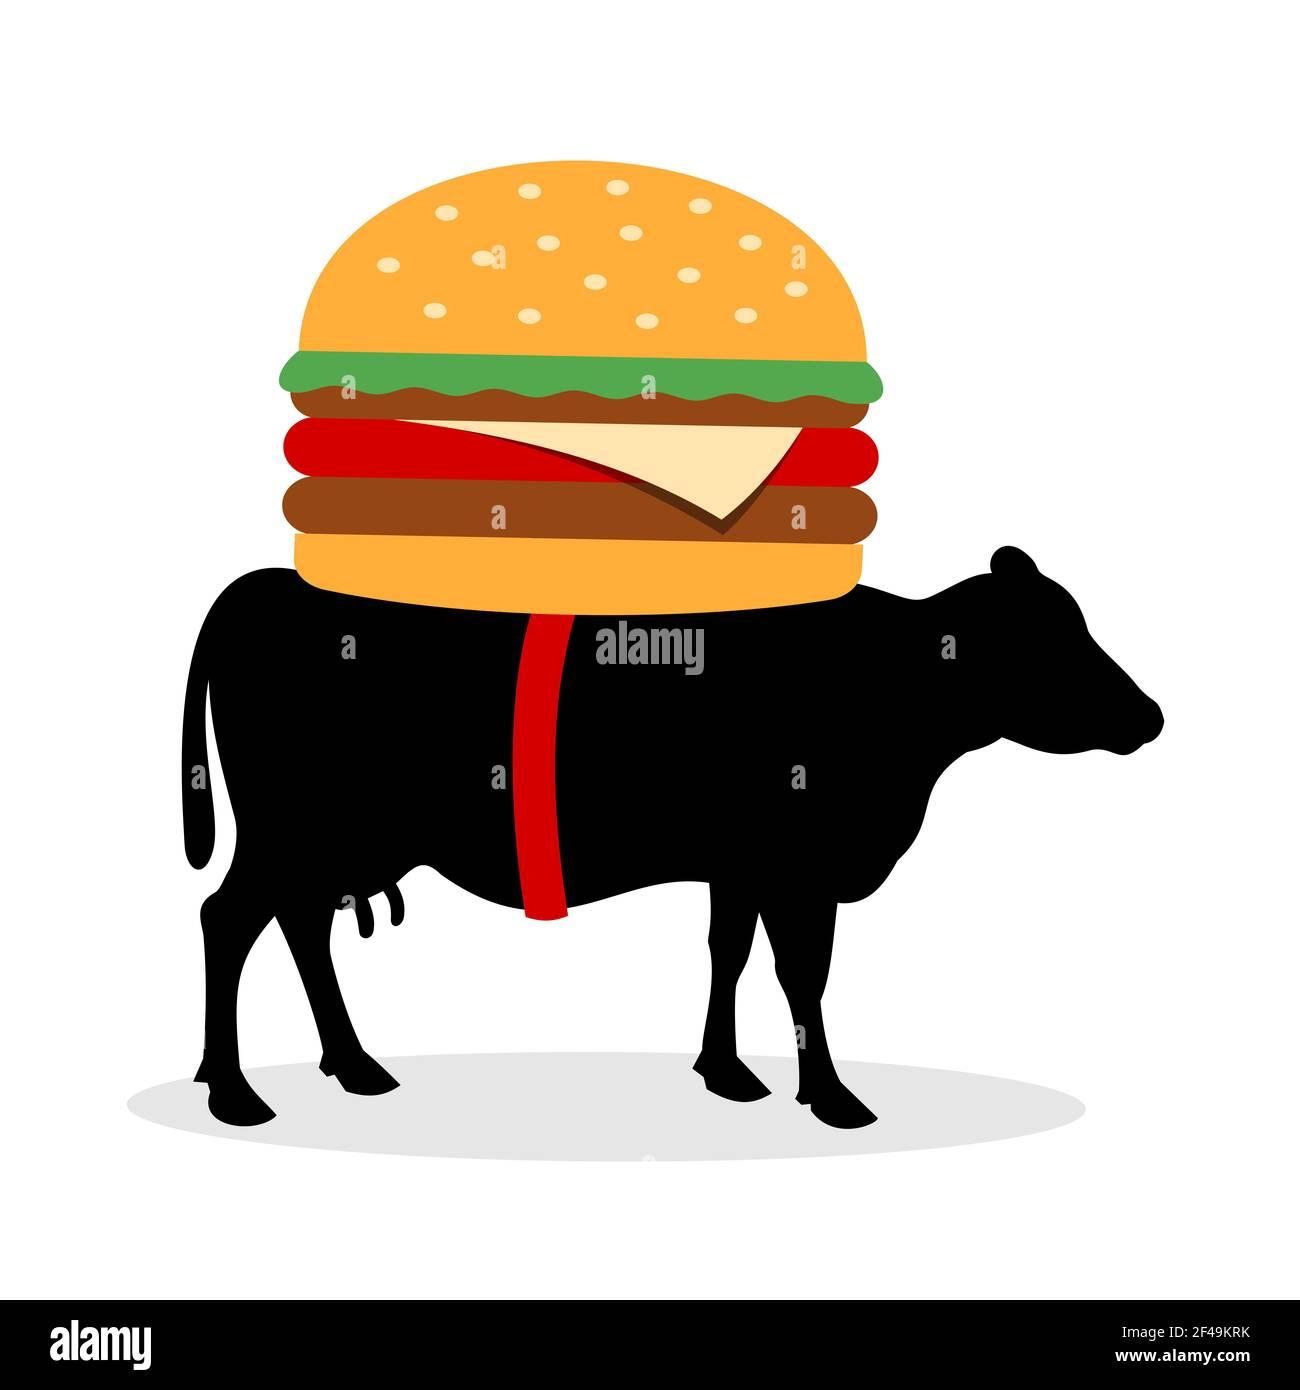 Cow está llevando hamburguesa en la espalda. Animales y alimentos con carne como producto de la industria alimentaria. Ilustración vectorial aislada sobre blanco. Foto de stock